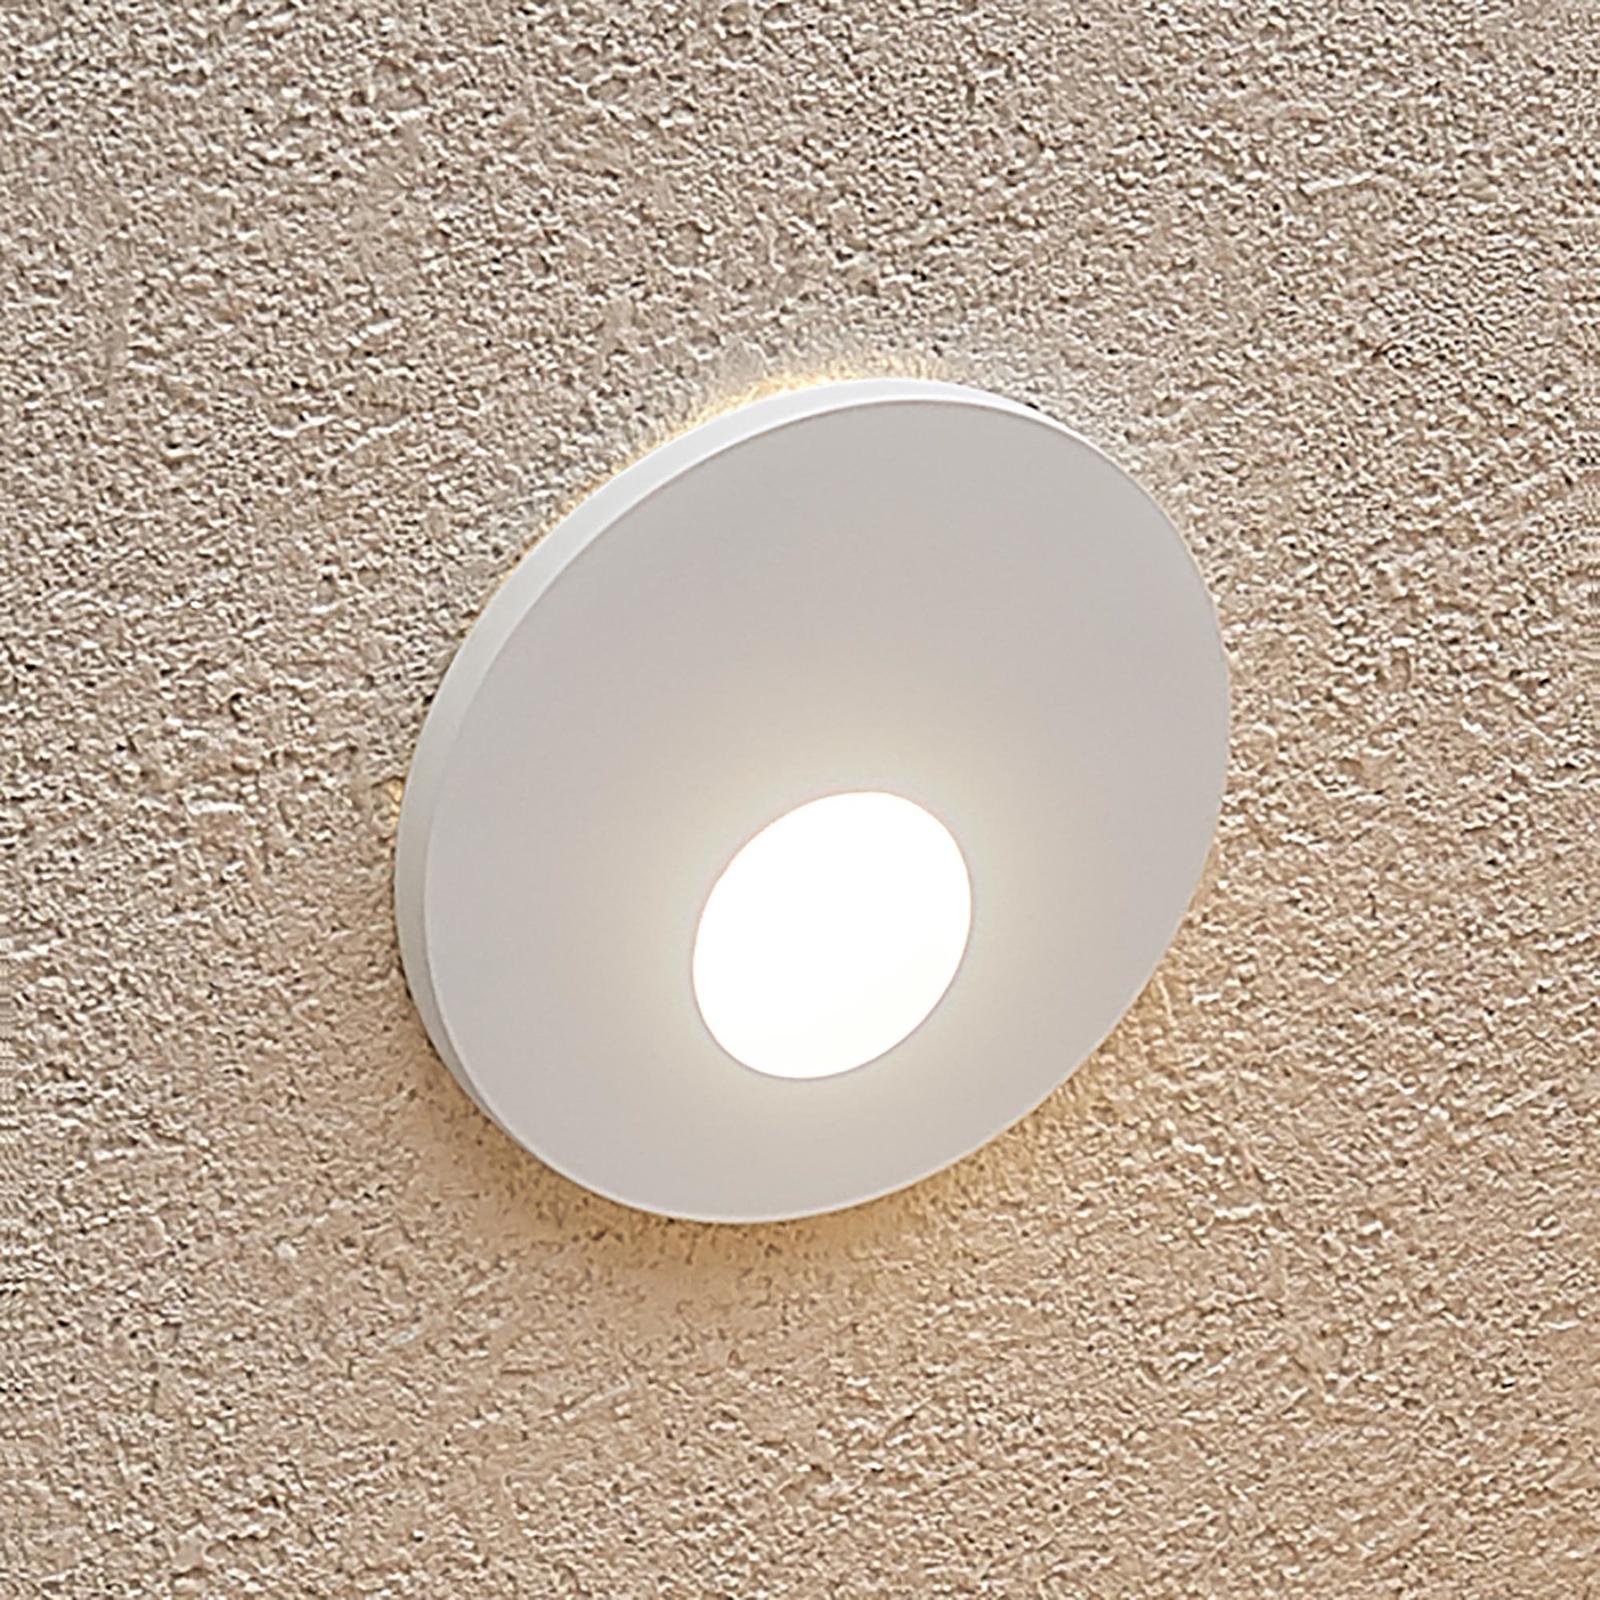 Arcchio Vexi -LED-uppovalaisin, pyöreä, valkoinen